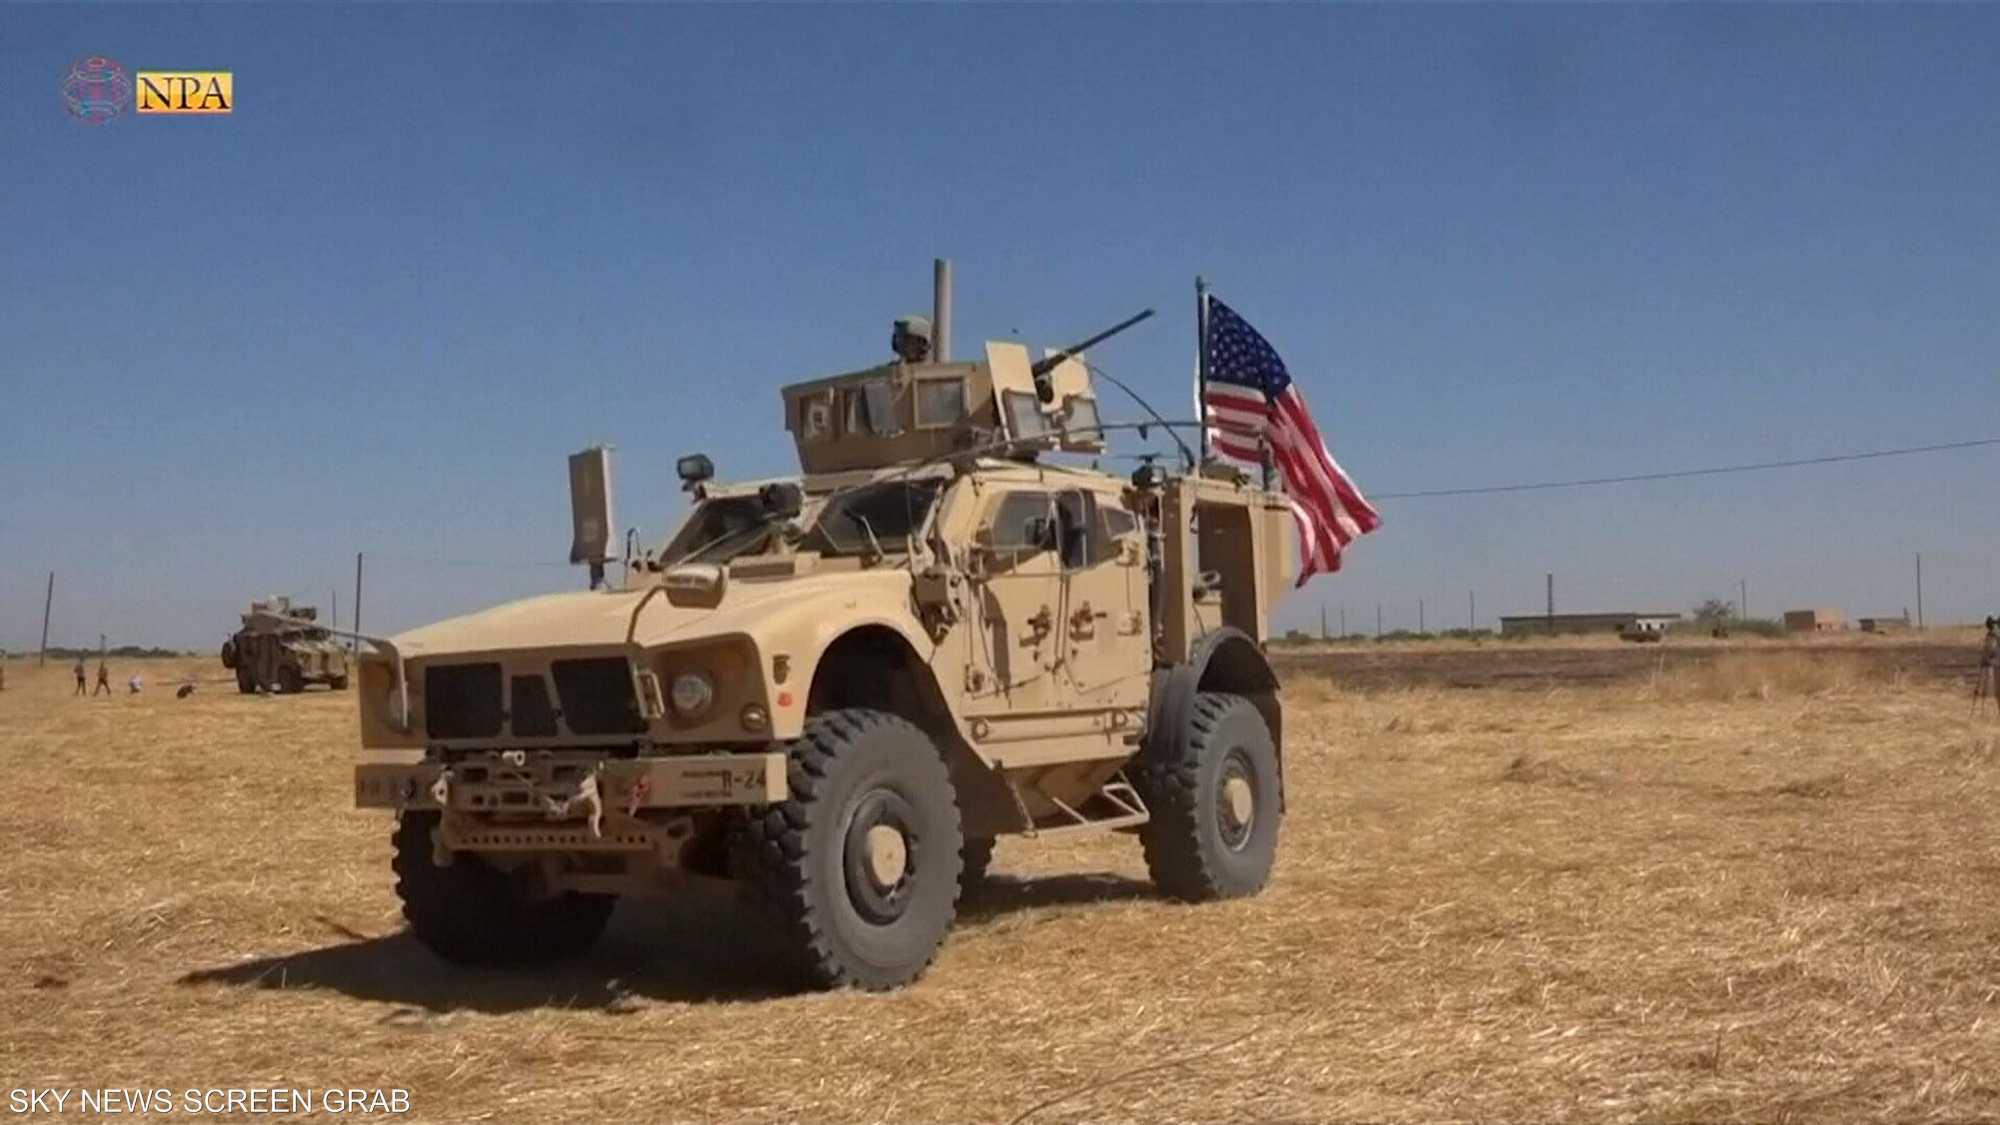 القوات الأميركية تخلي موقعين للمراقبة بسوريا